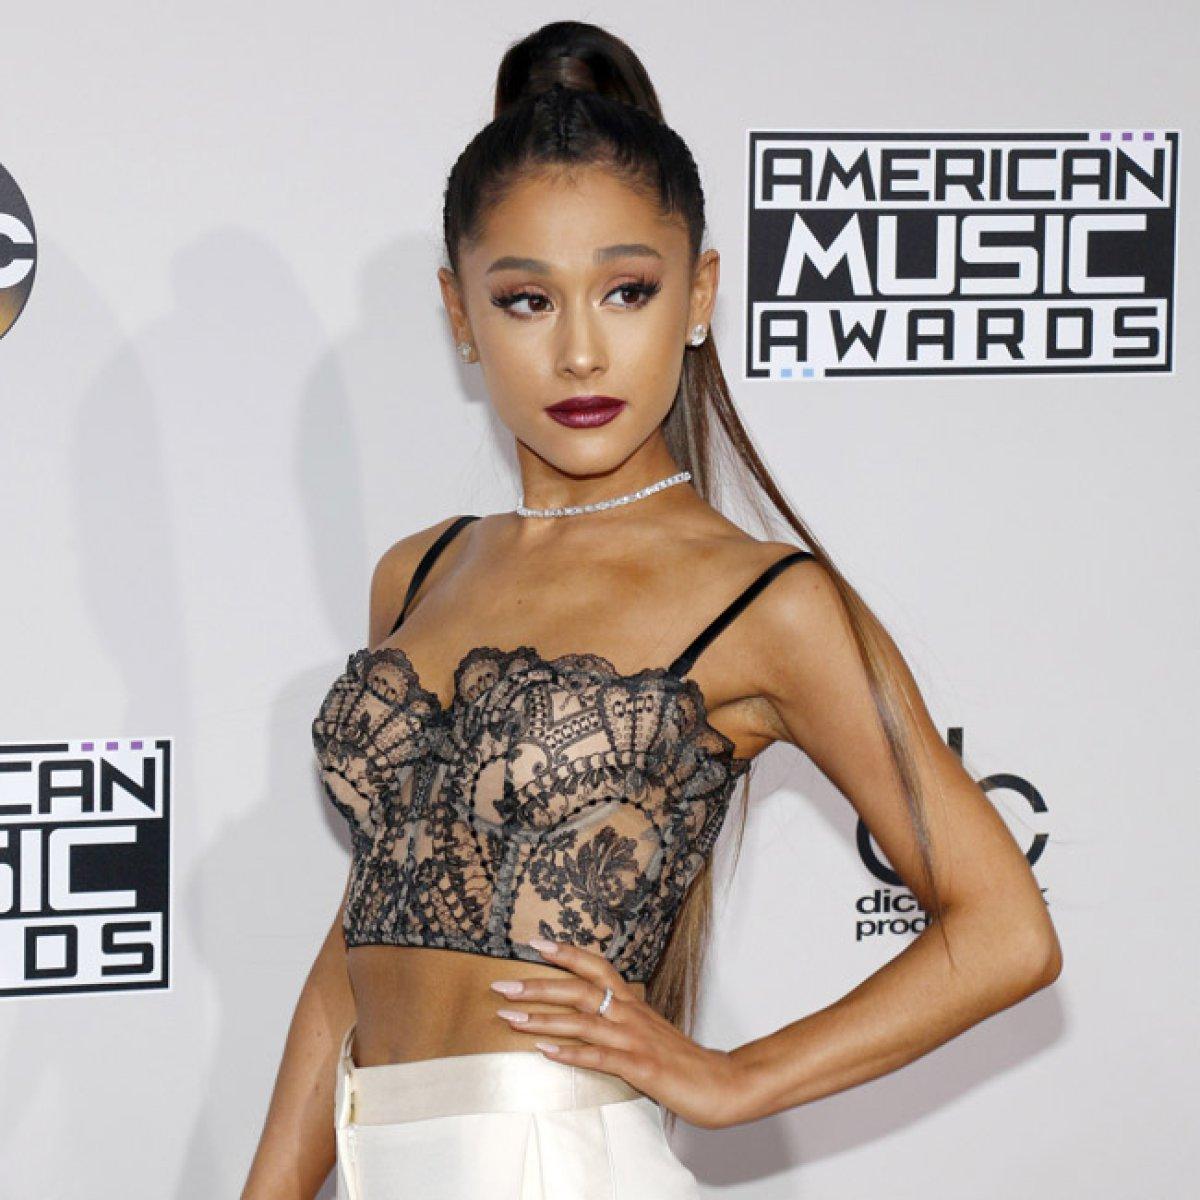 Ariana Grande publica su radical cambio de look en redes y sorprende a sus fans